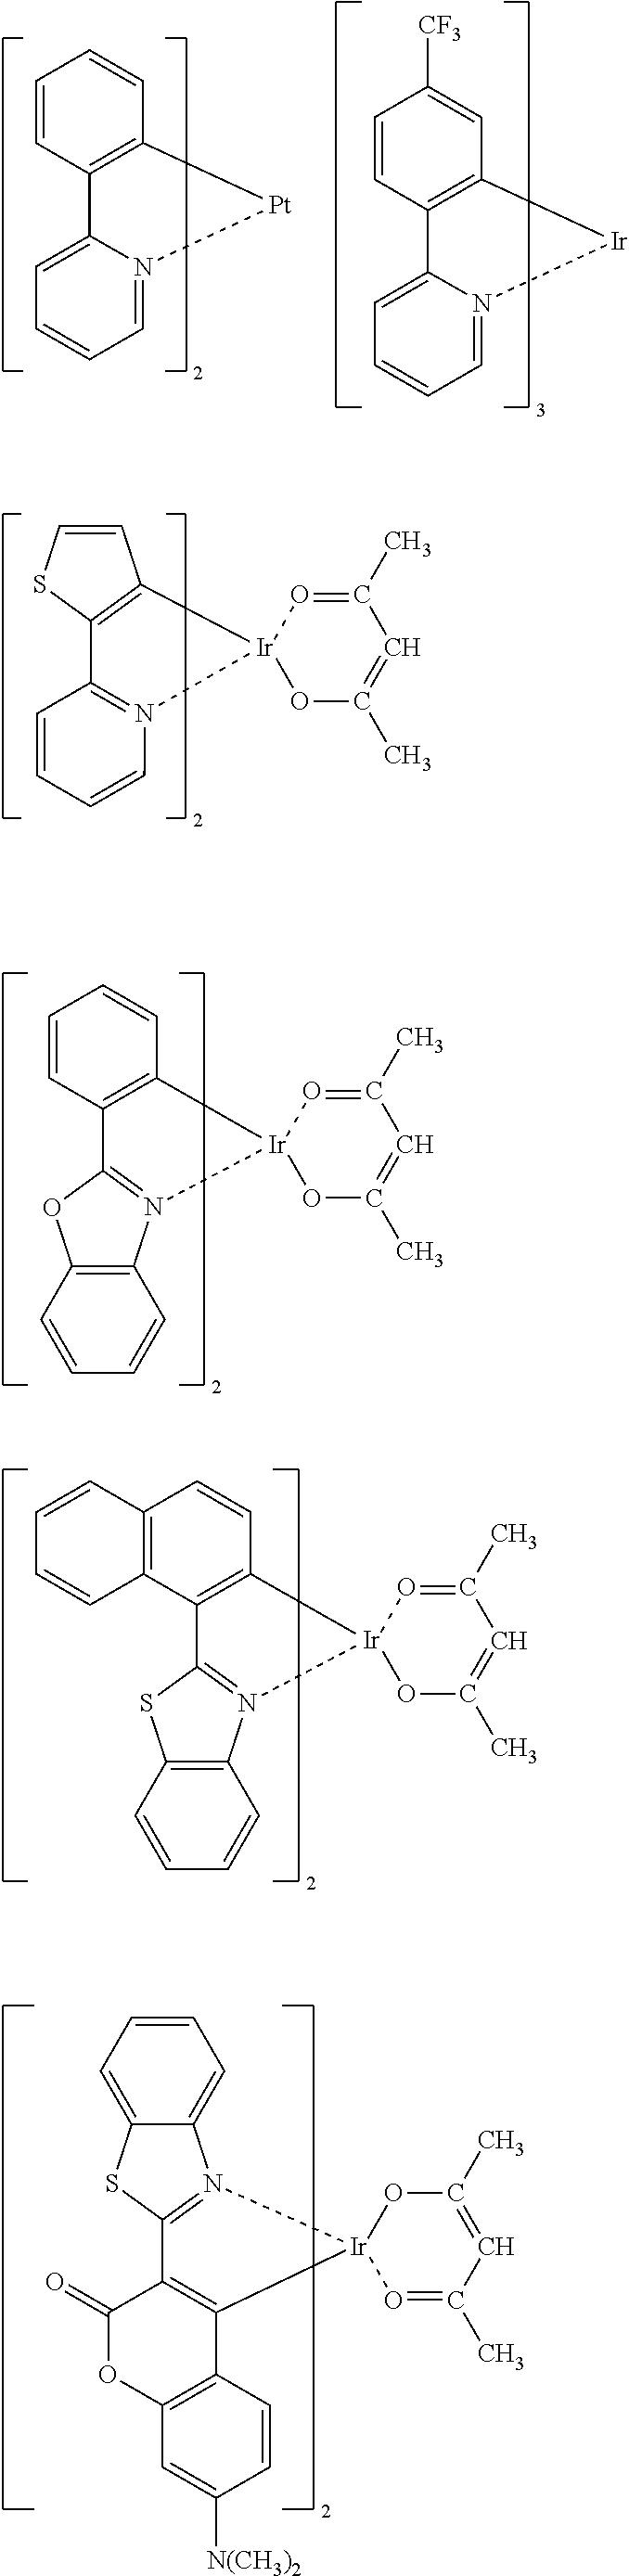 Figure US09837615-20171205-C00093